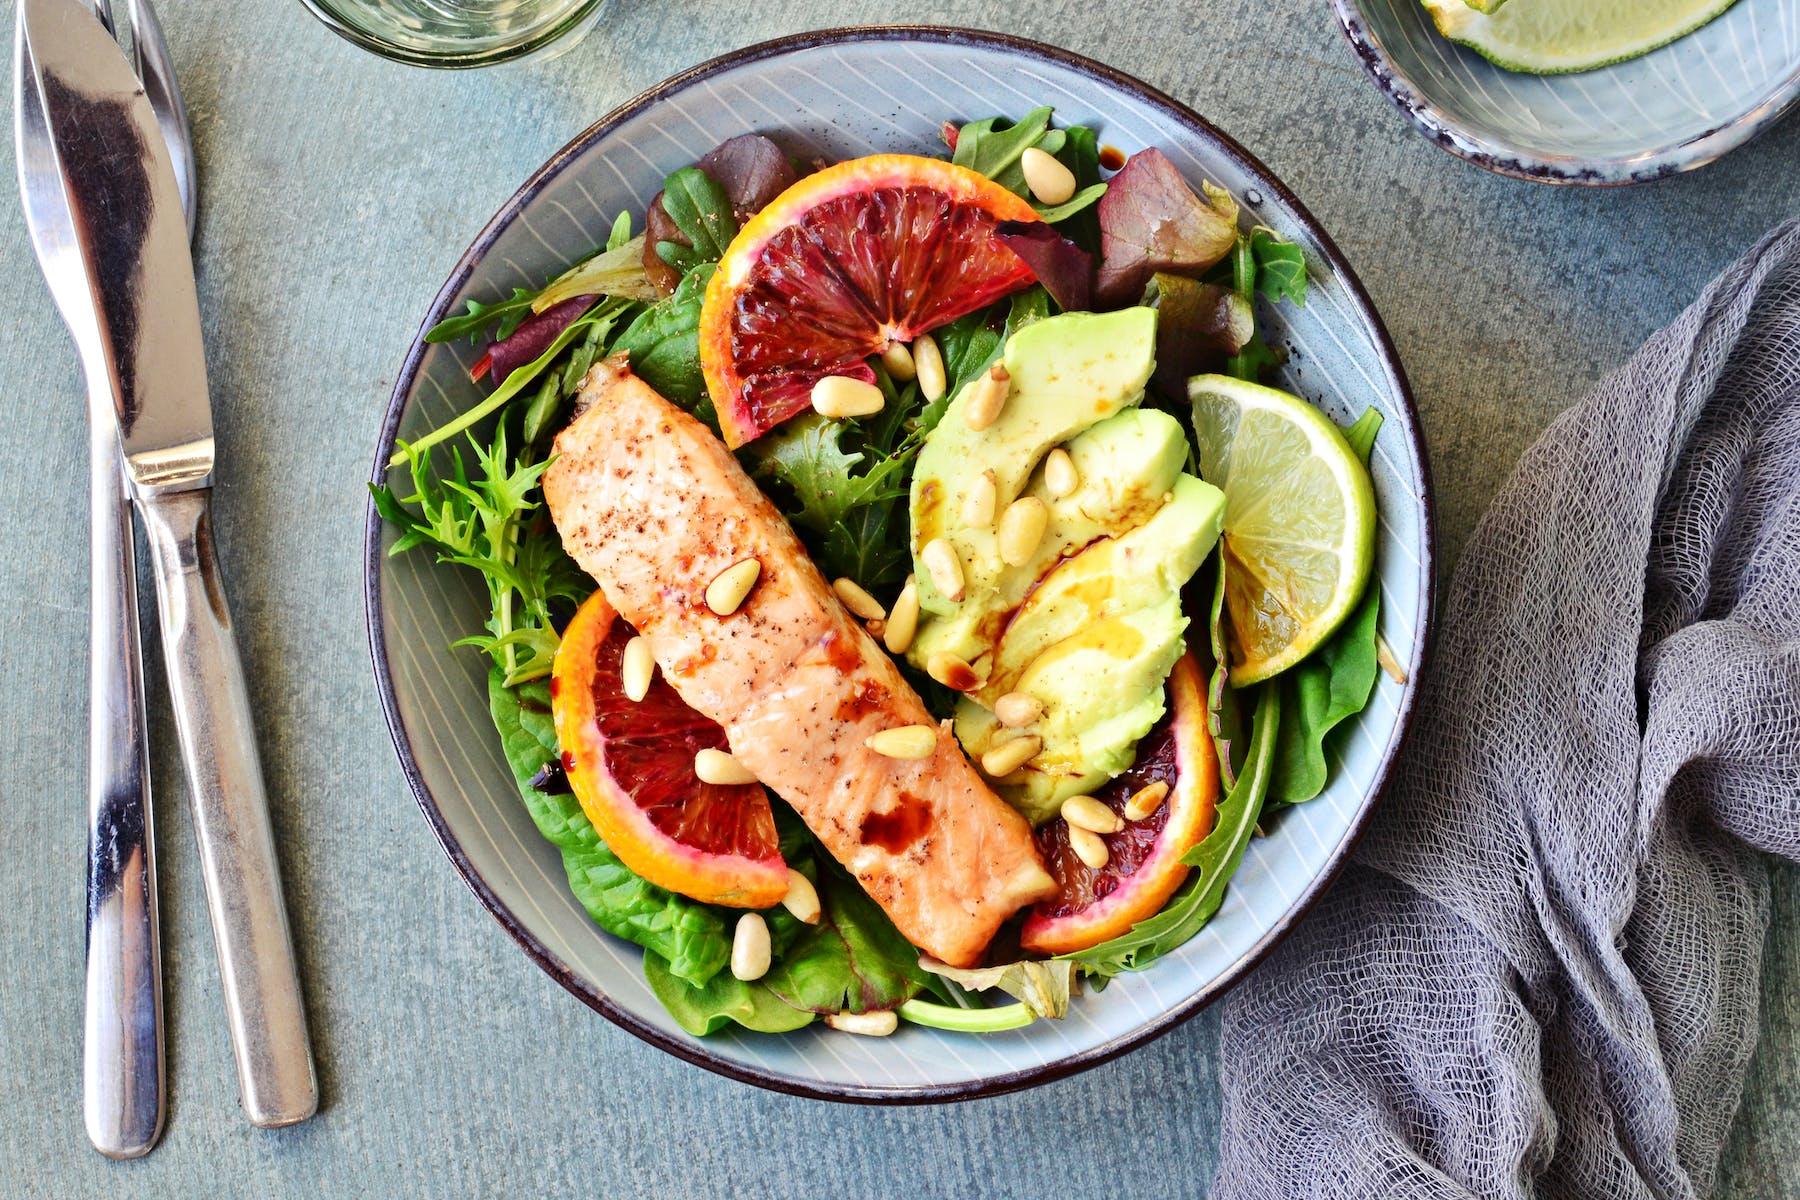 a salad on a table